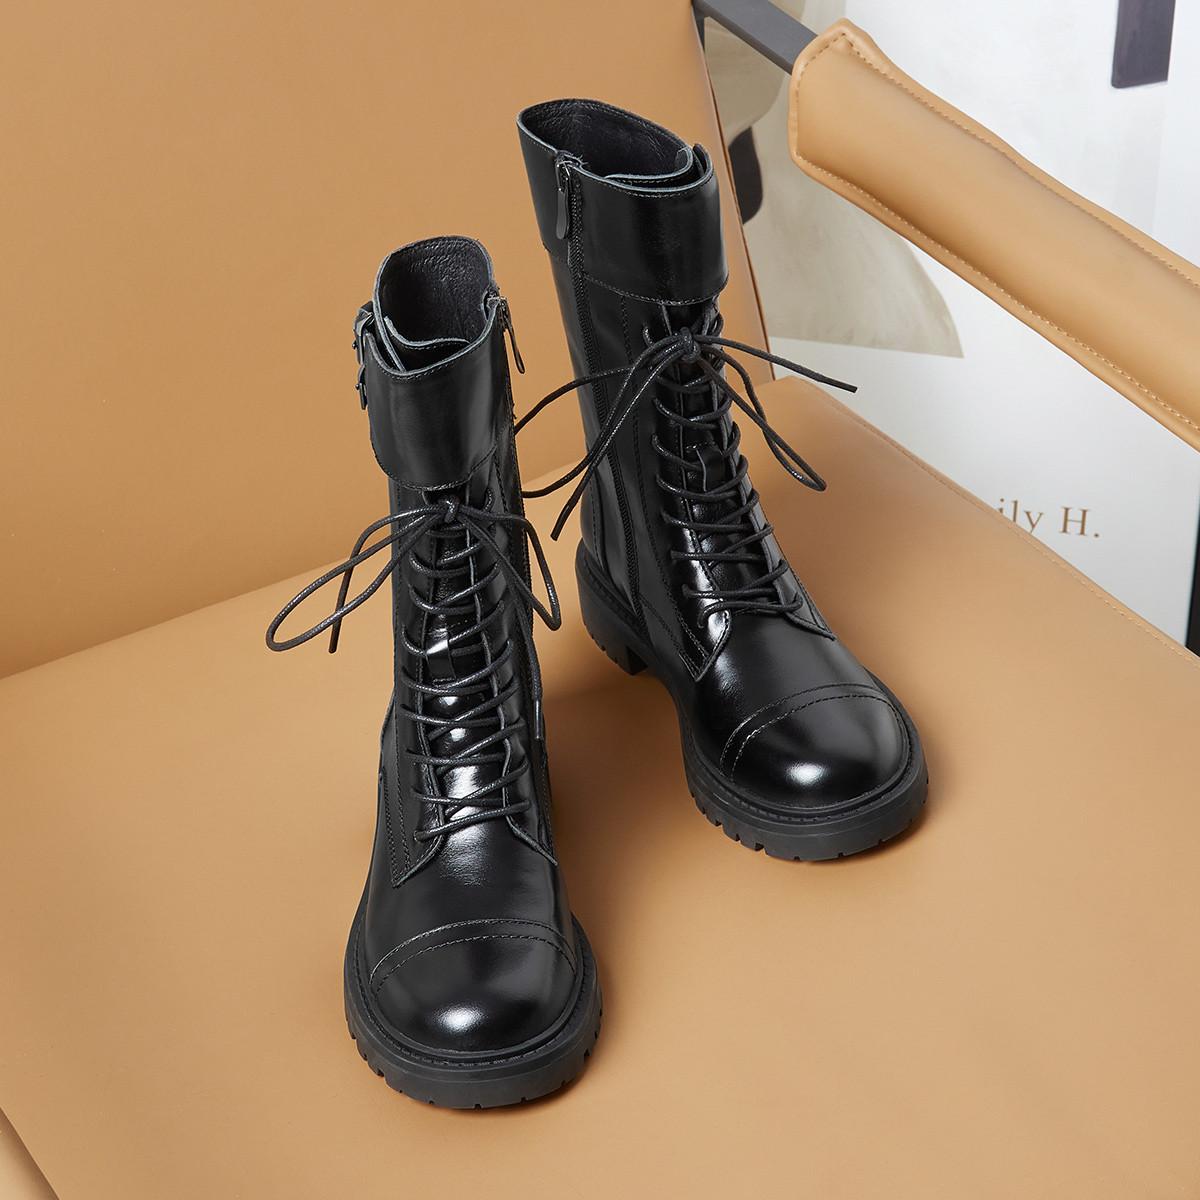 杰雷哈洛中筒靴女新款小资牛皮街头拉链女马丁靴机车靴